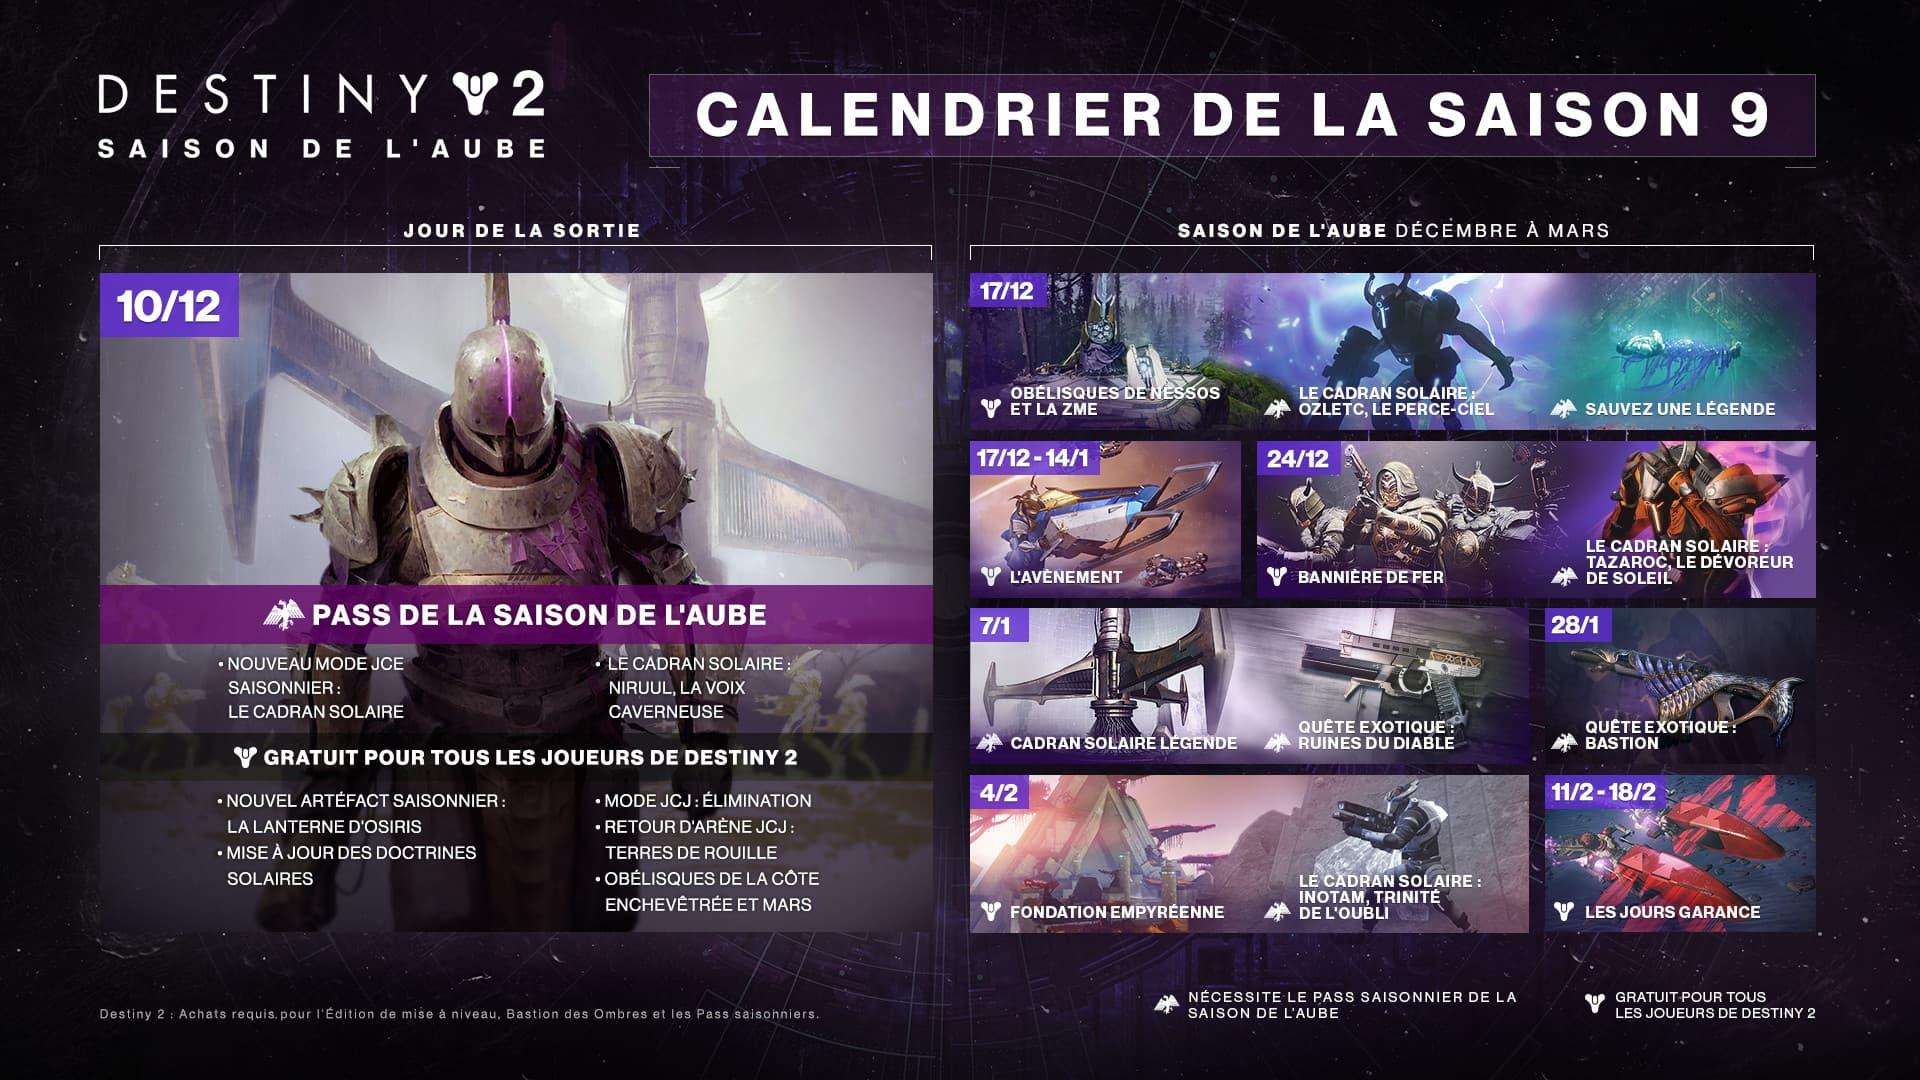 Destiny 2: La Saison de l'Aube